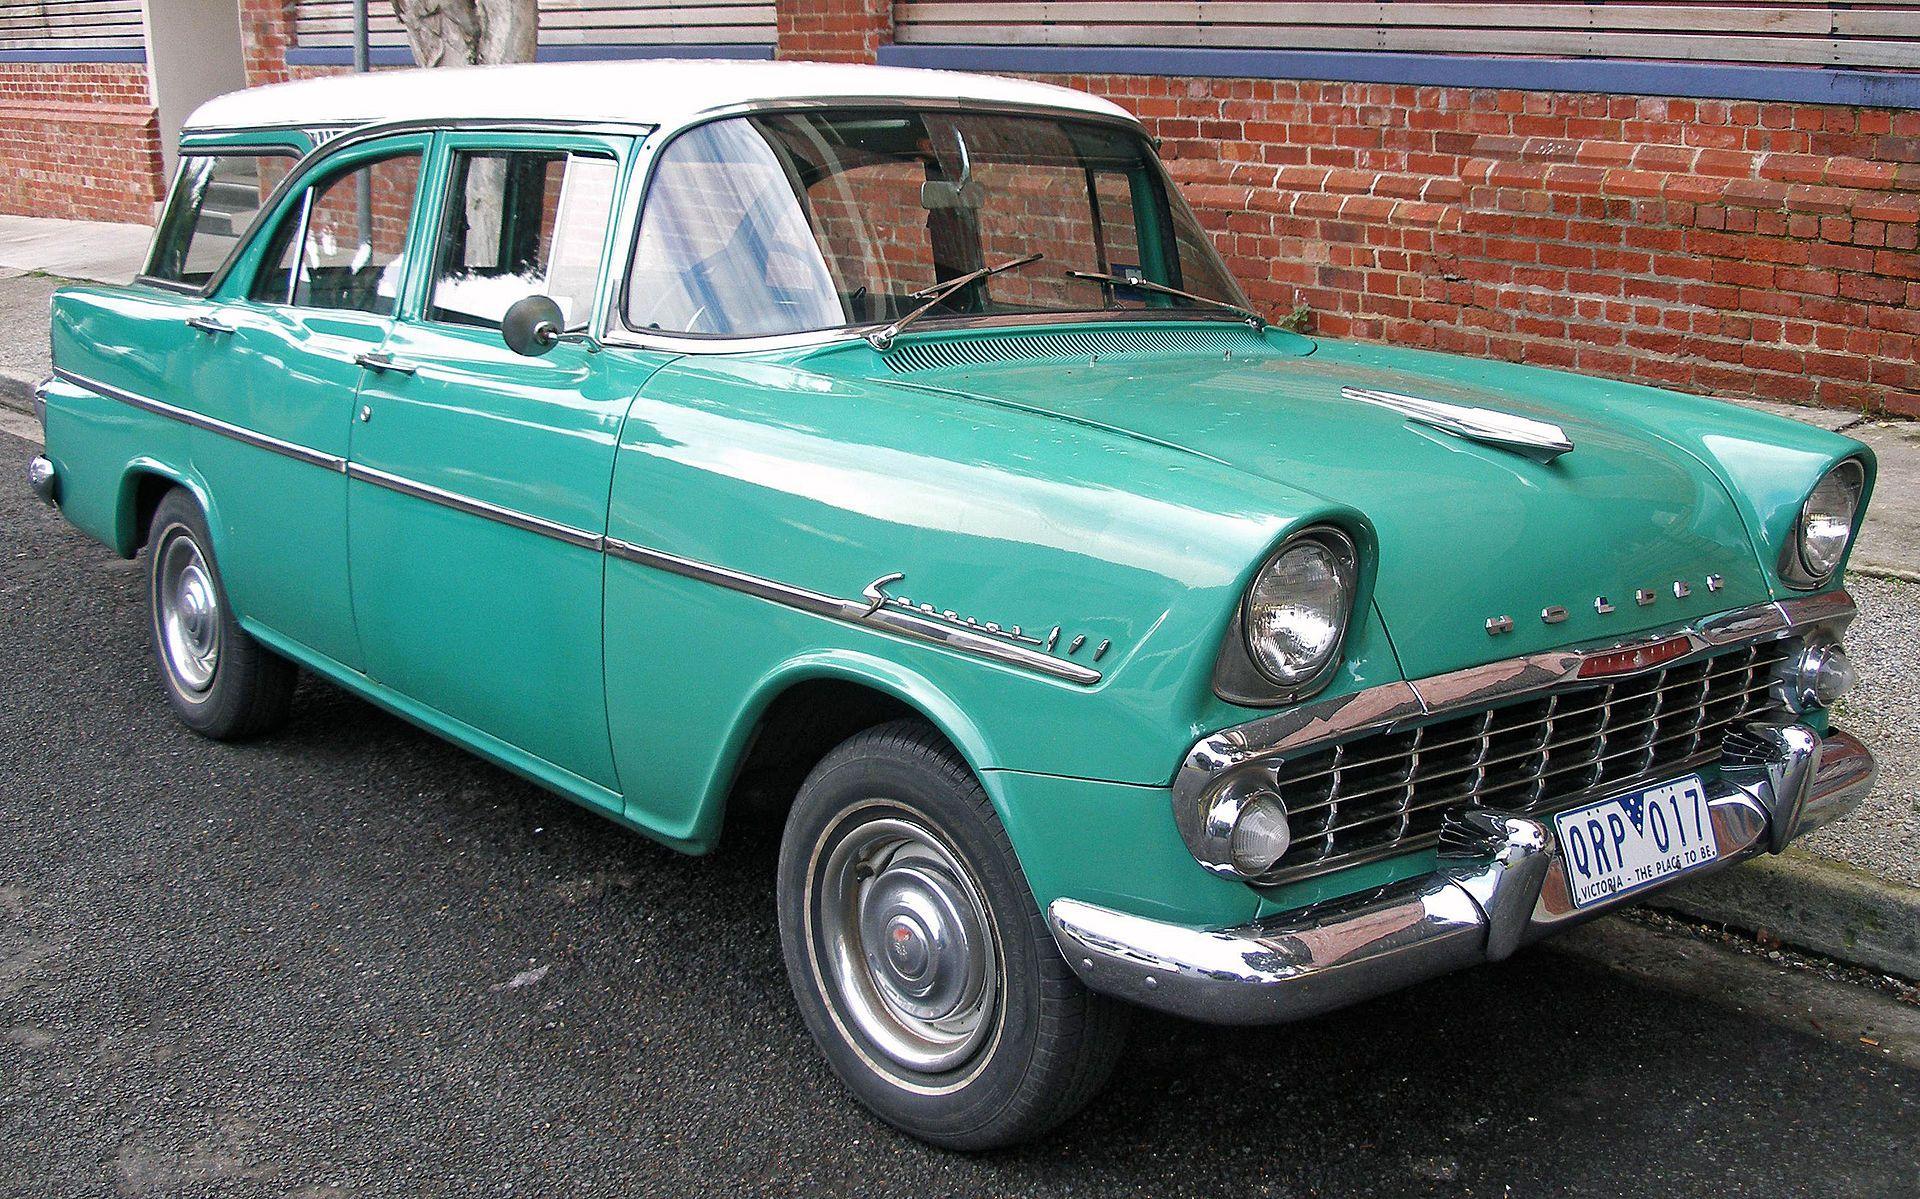 1956 ford customline wagon old car hunt - 1956 Ford Customline Wagon Old Car Hunt 67